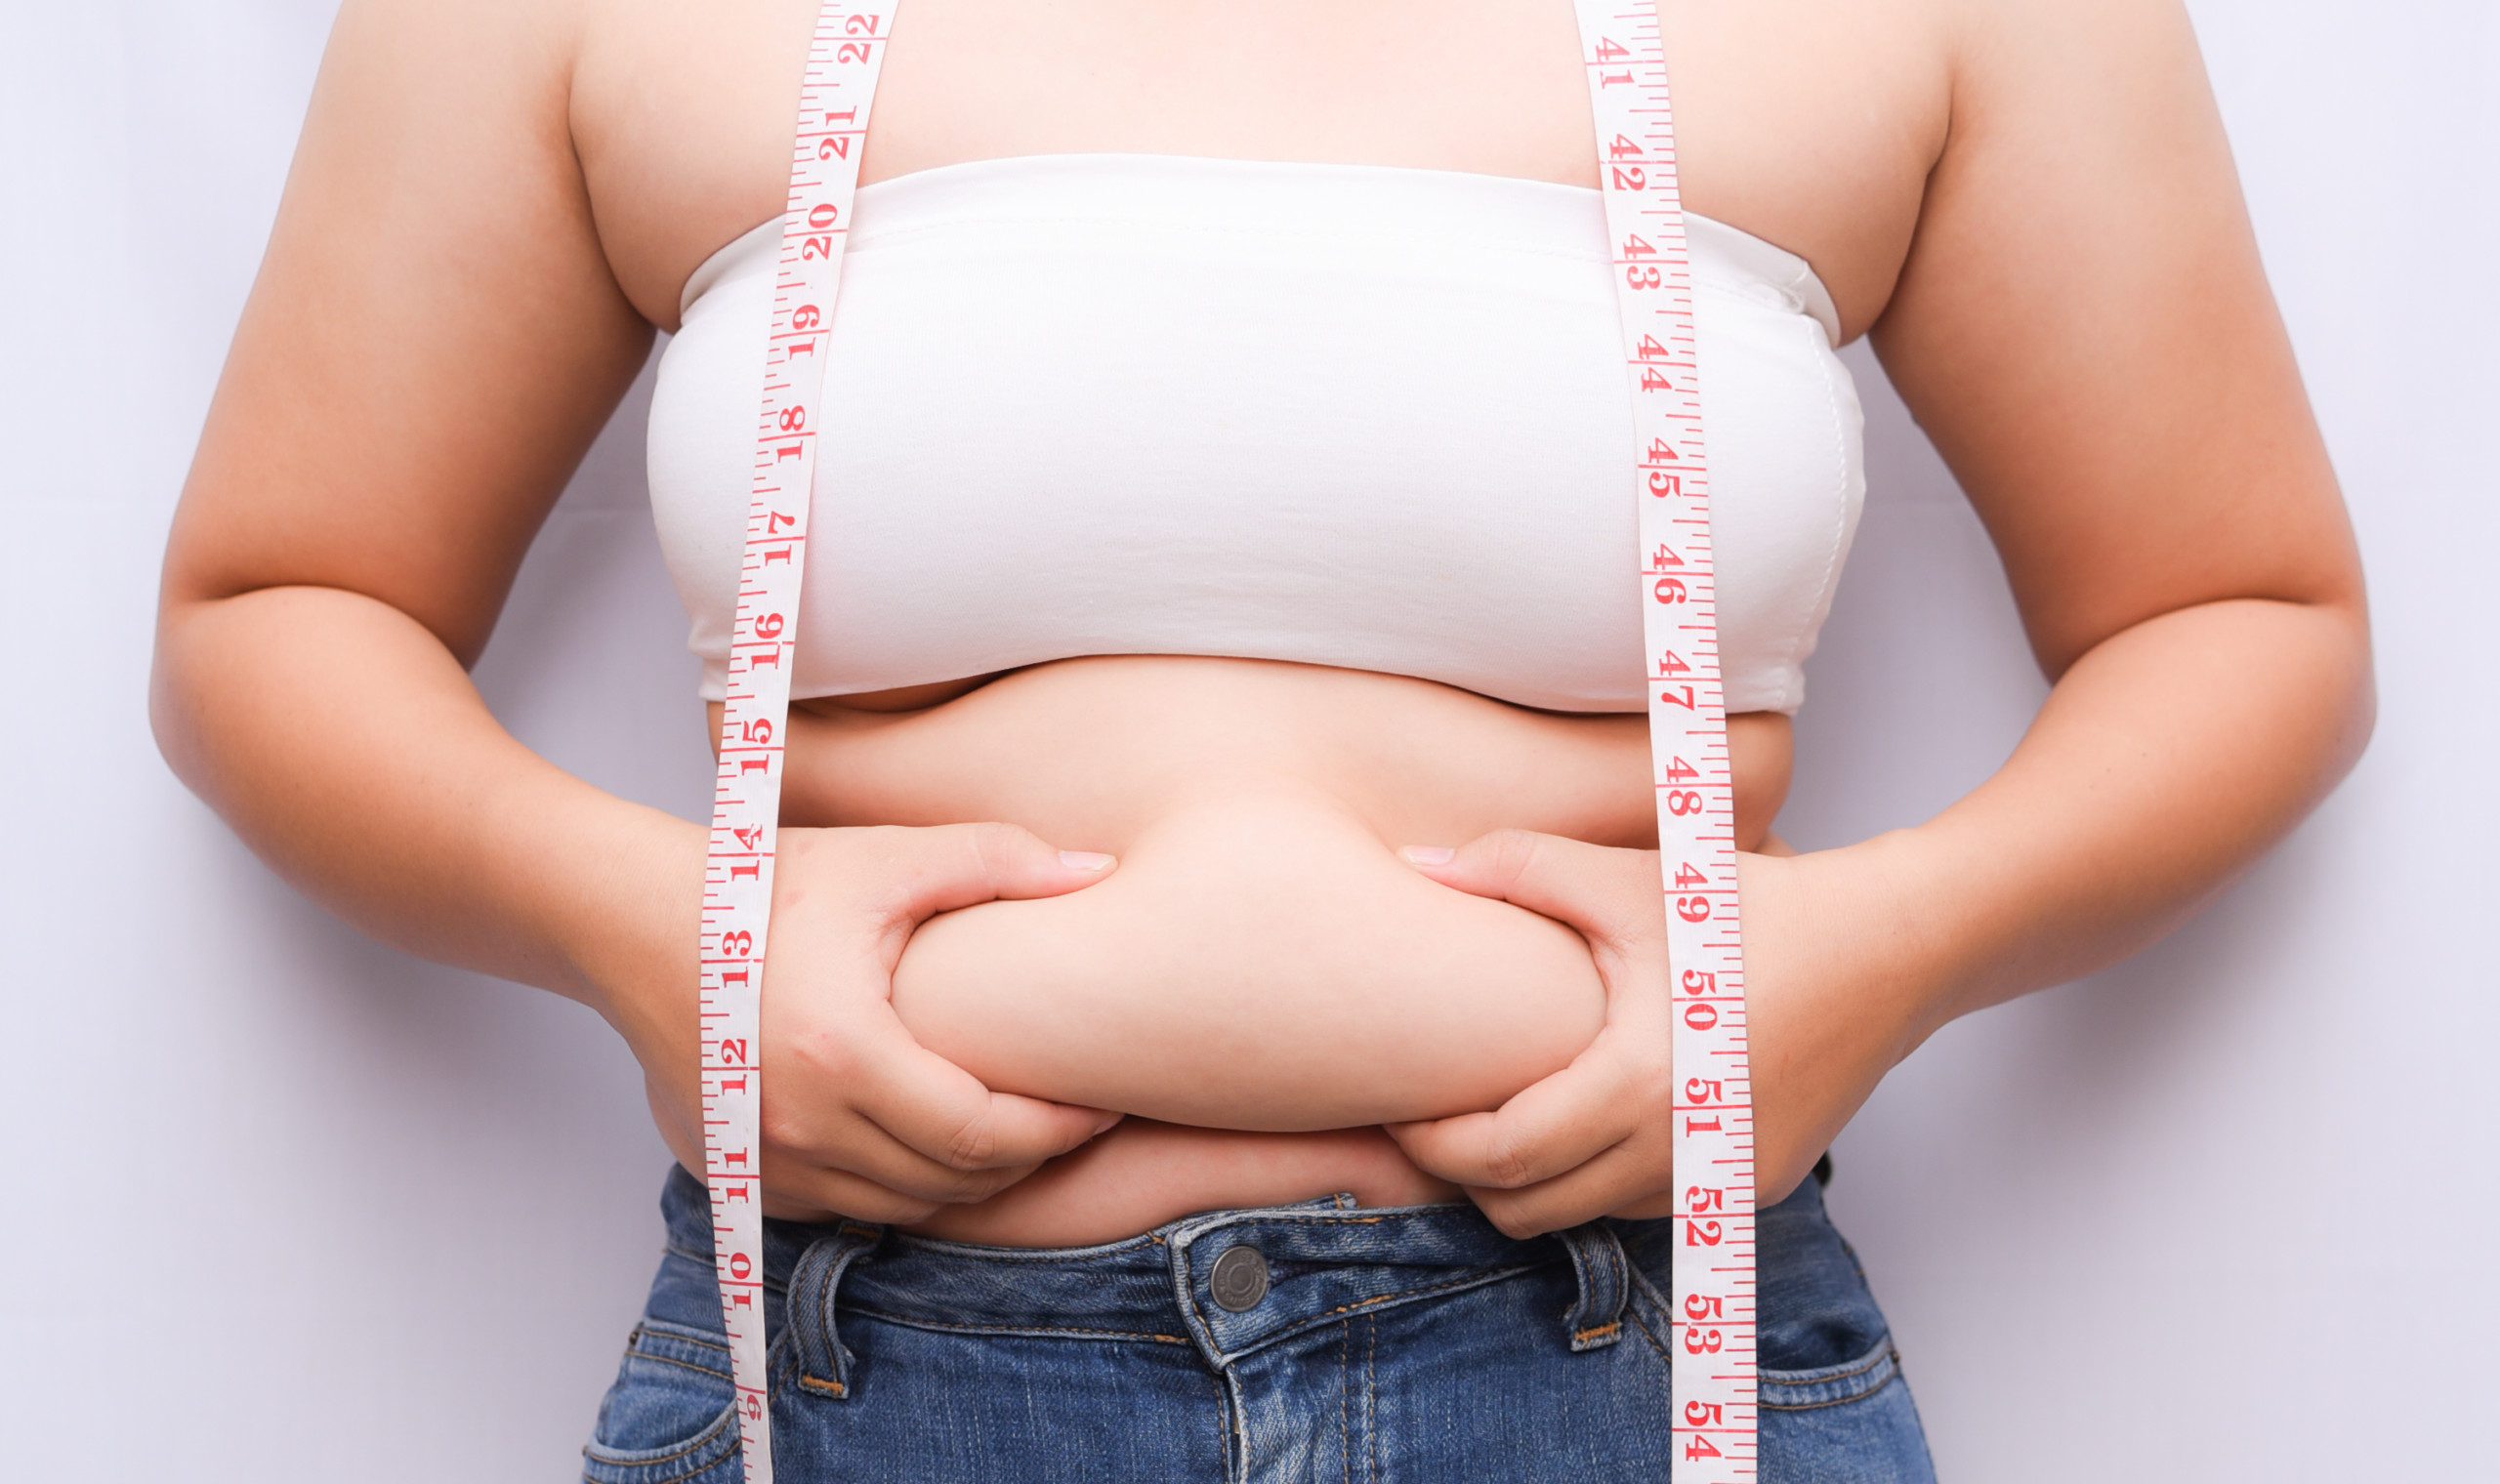 落とす お腹 を の ストレッチ 脂肪